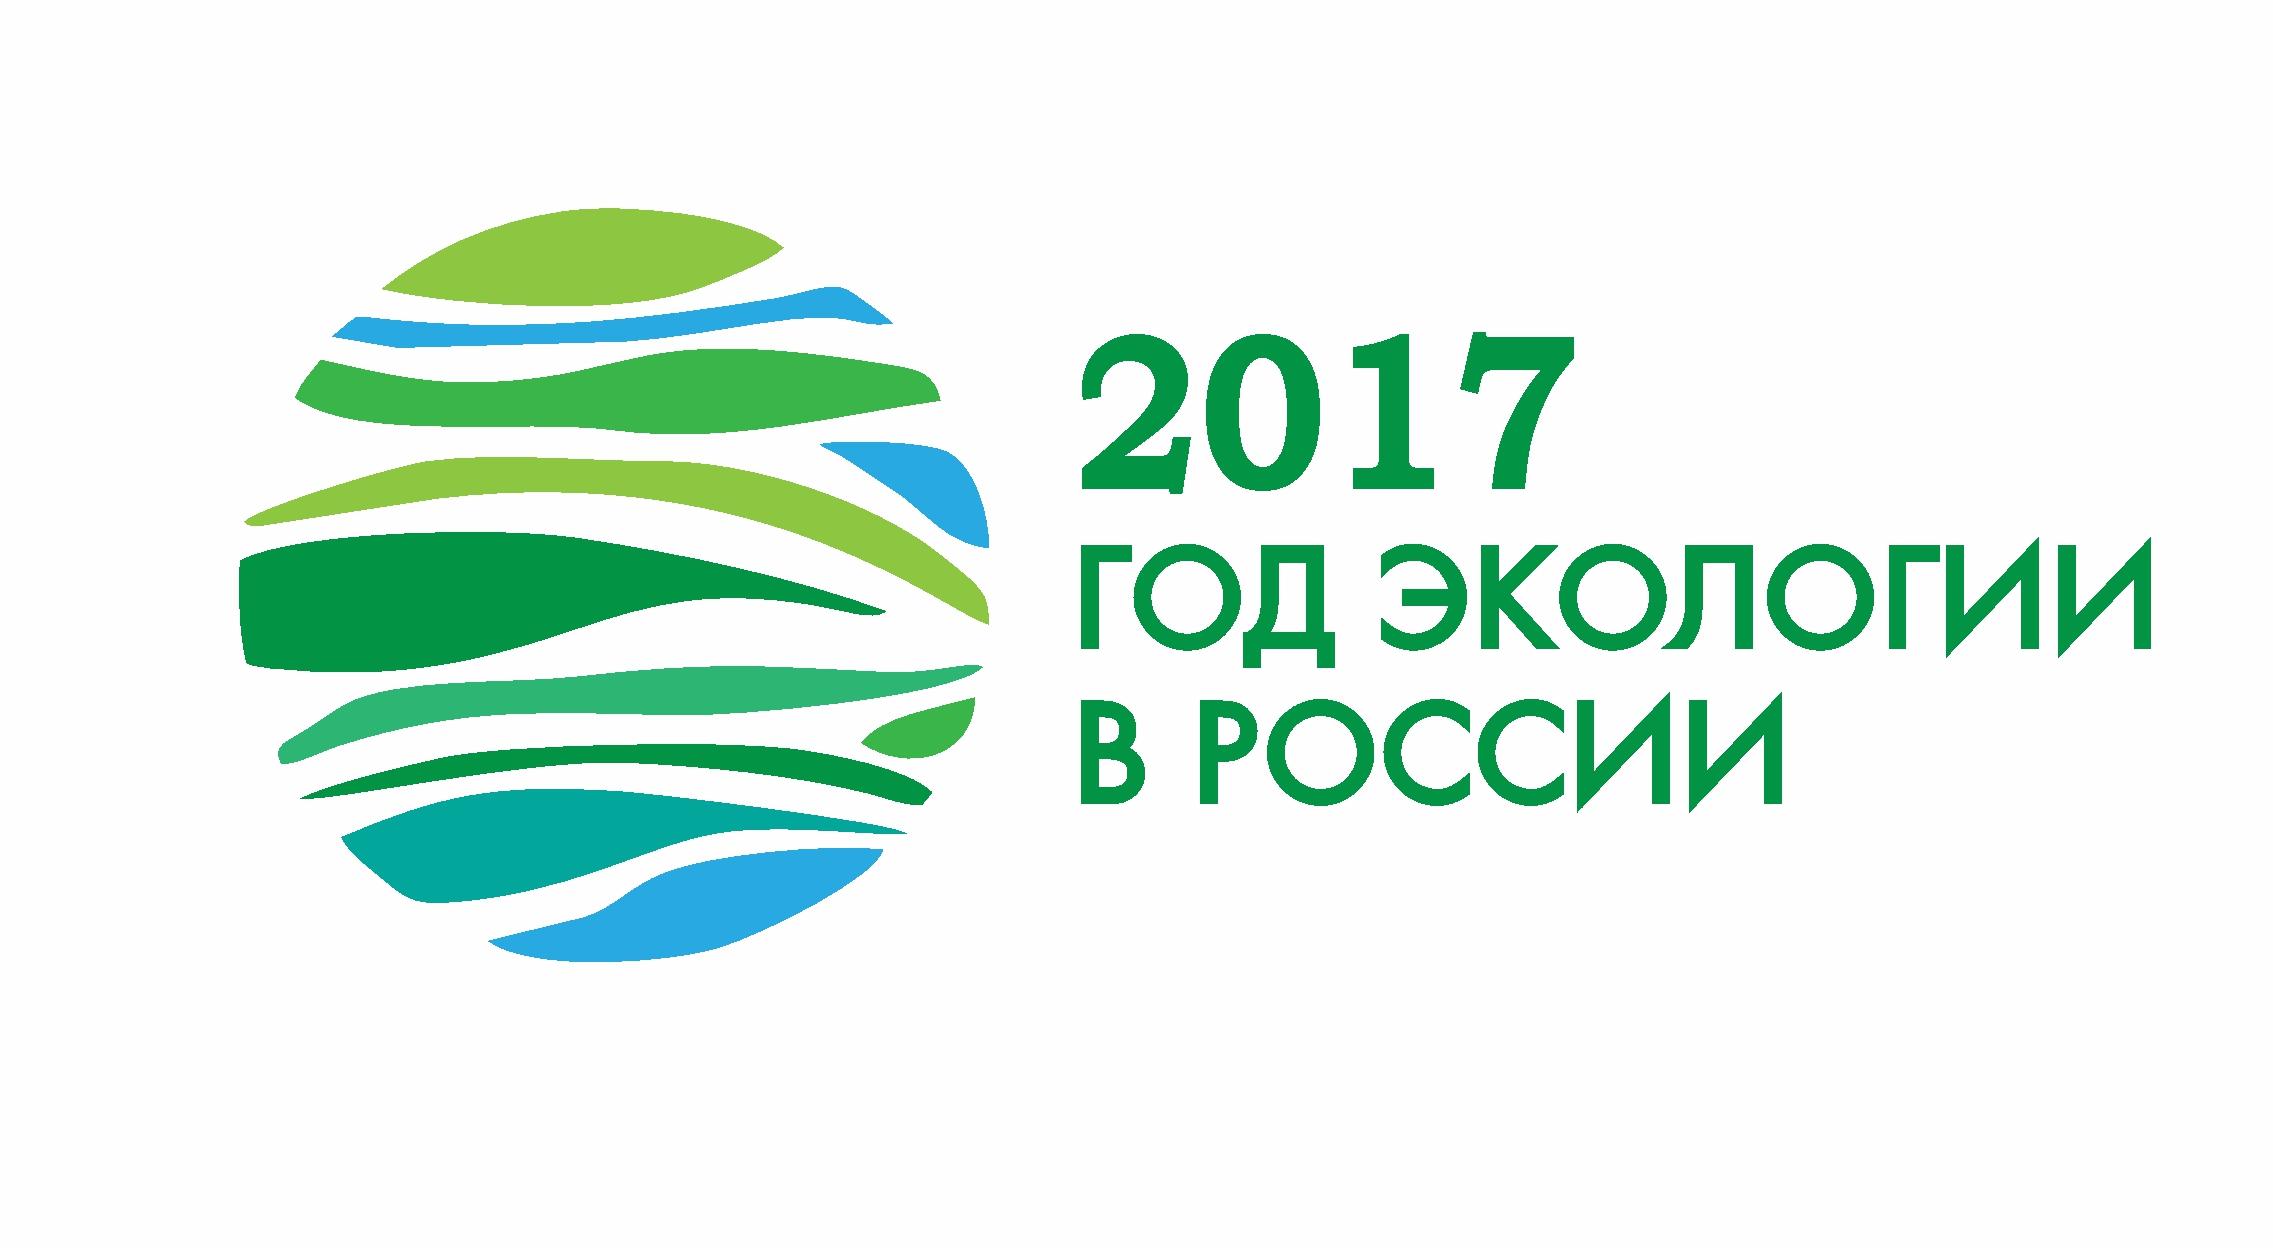 плакат год экологии в россии